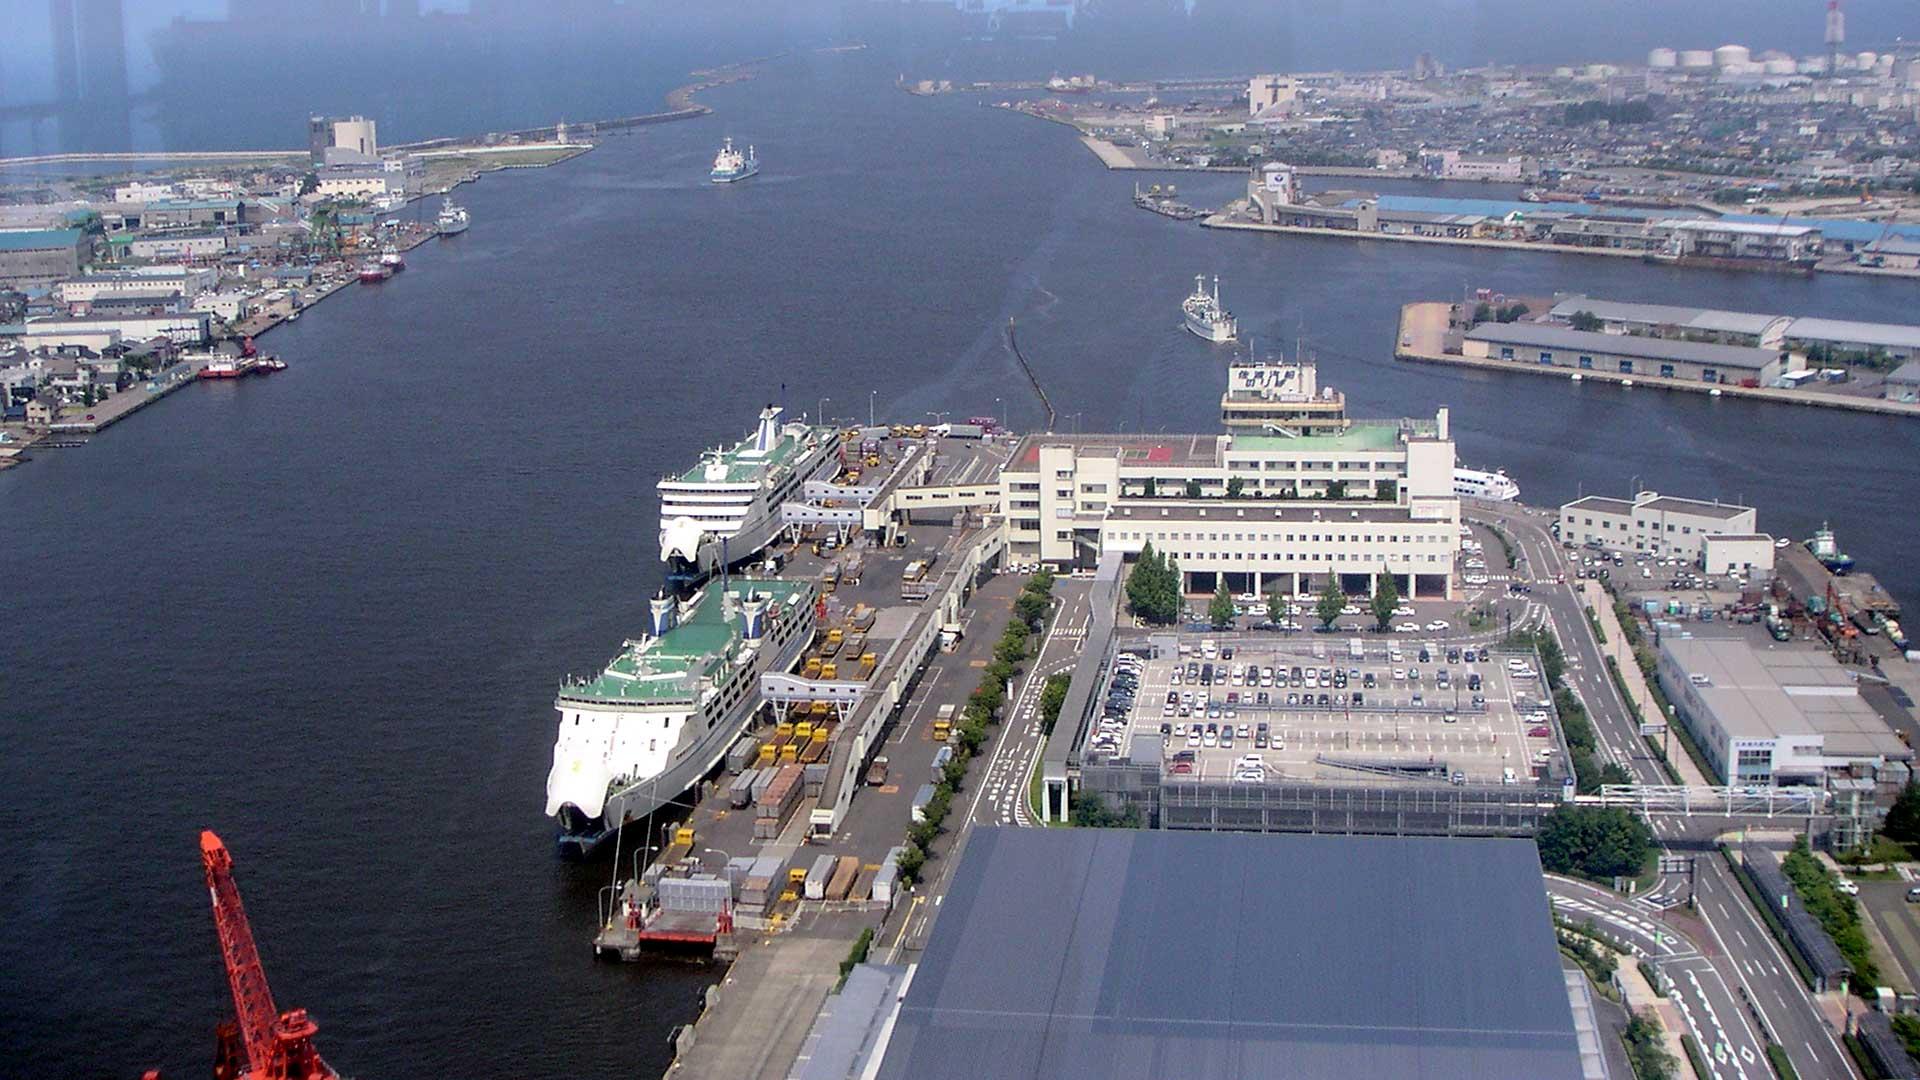 朱鷺メッセ展望室から新潟港